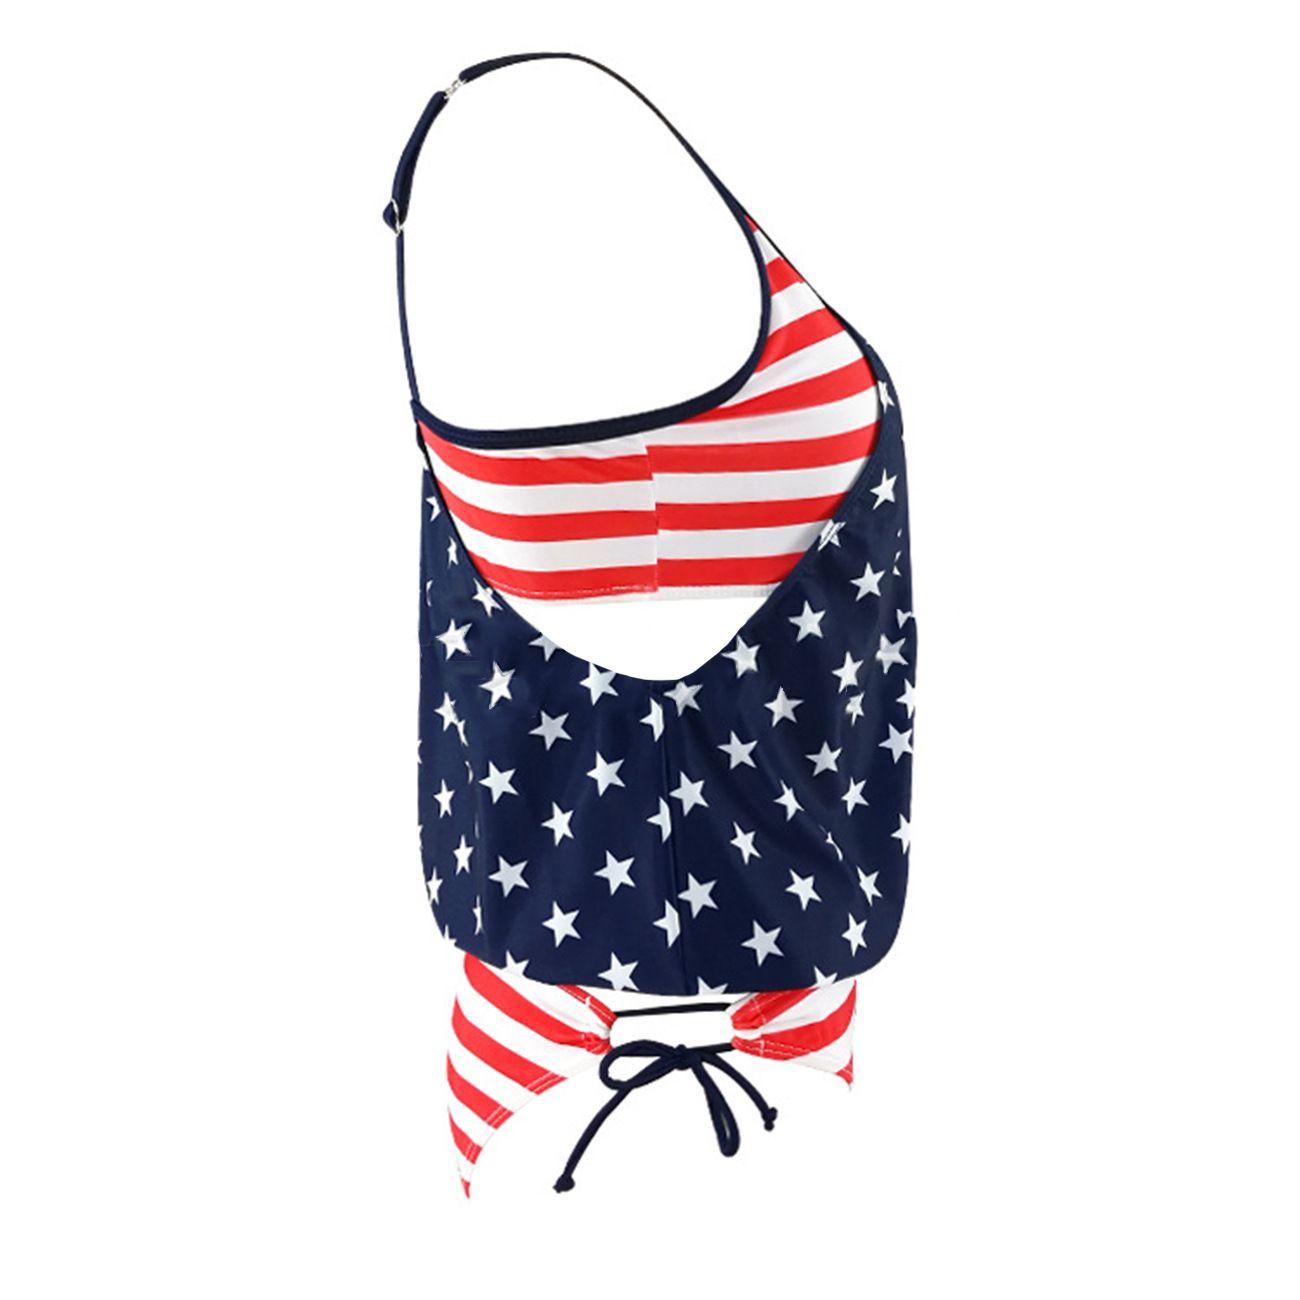 2018 горячая сексуальная бикини мода бахрома американский флаг купальники мягкий купальник купальный костюм пляжный комплект бикини 2 шт. / Компл. Бесплатная доставка